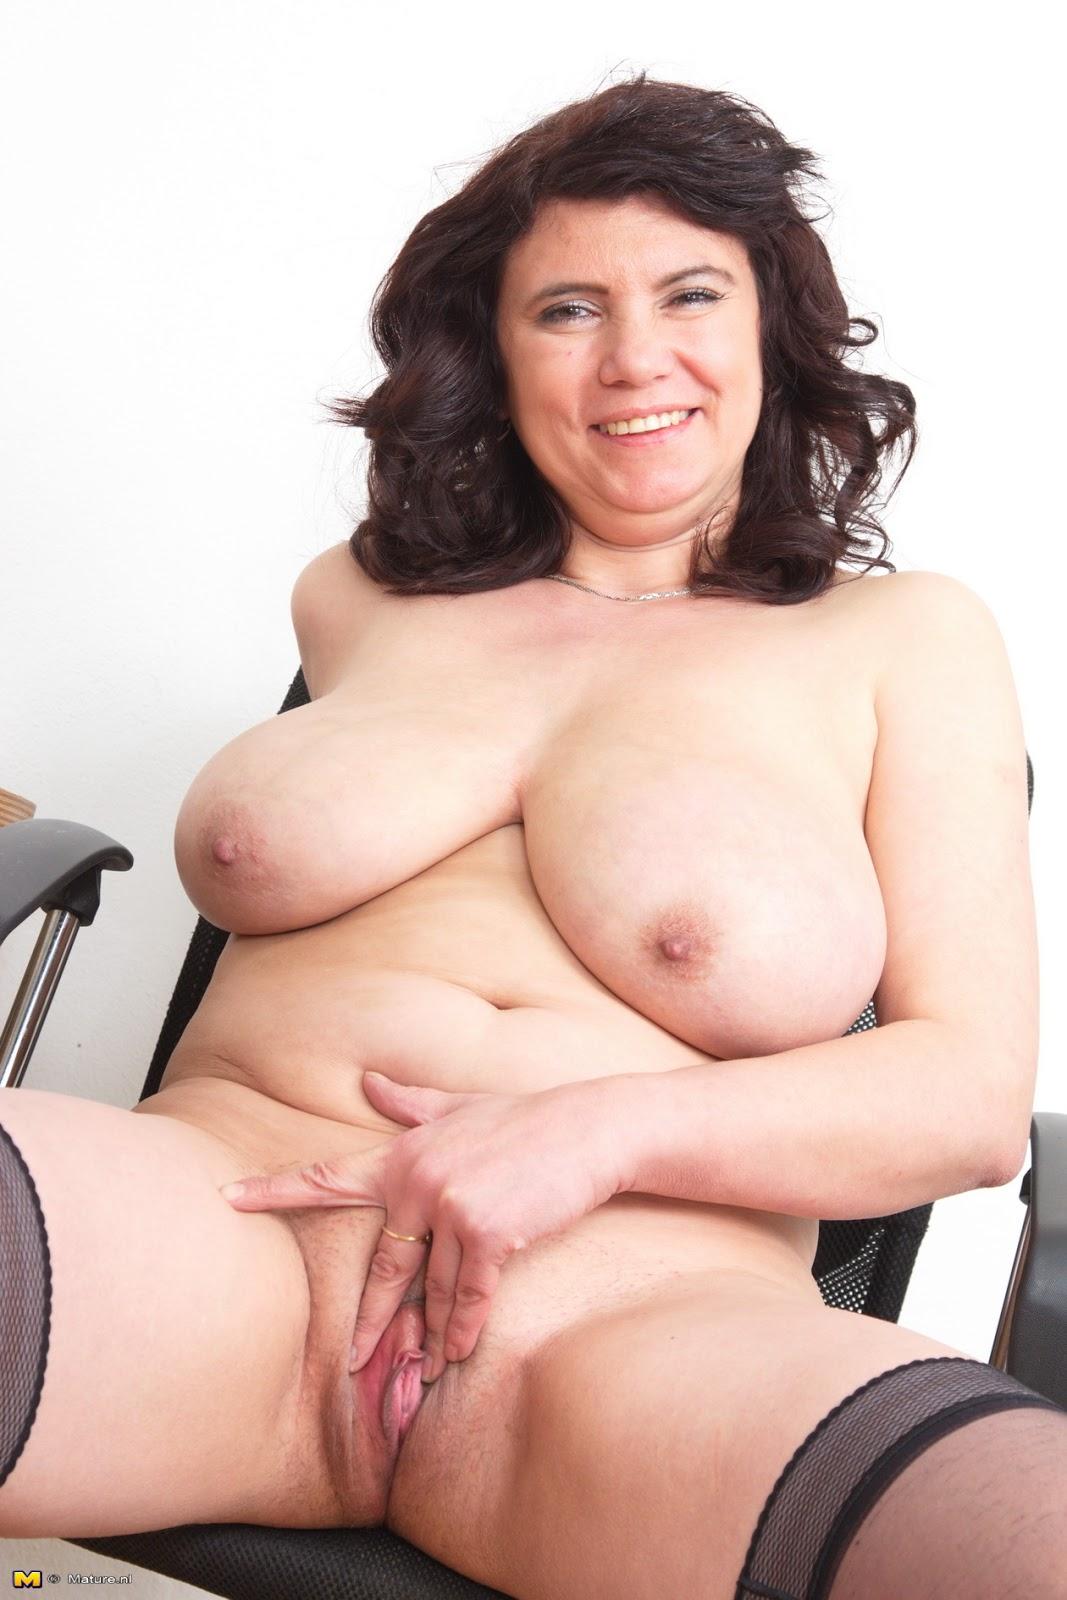 solo nude mature women pics